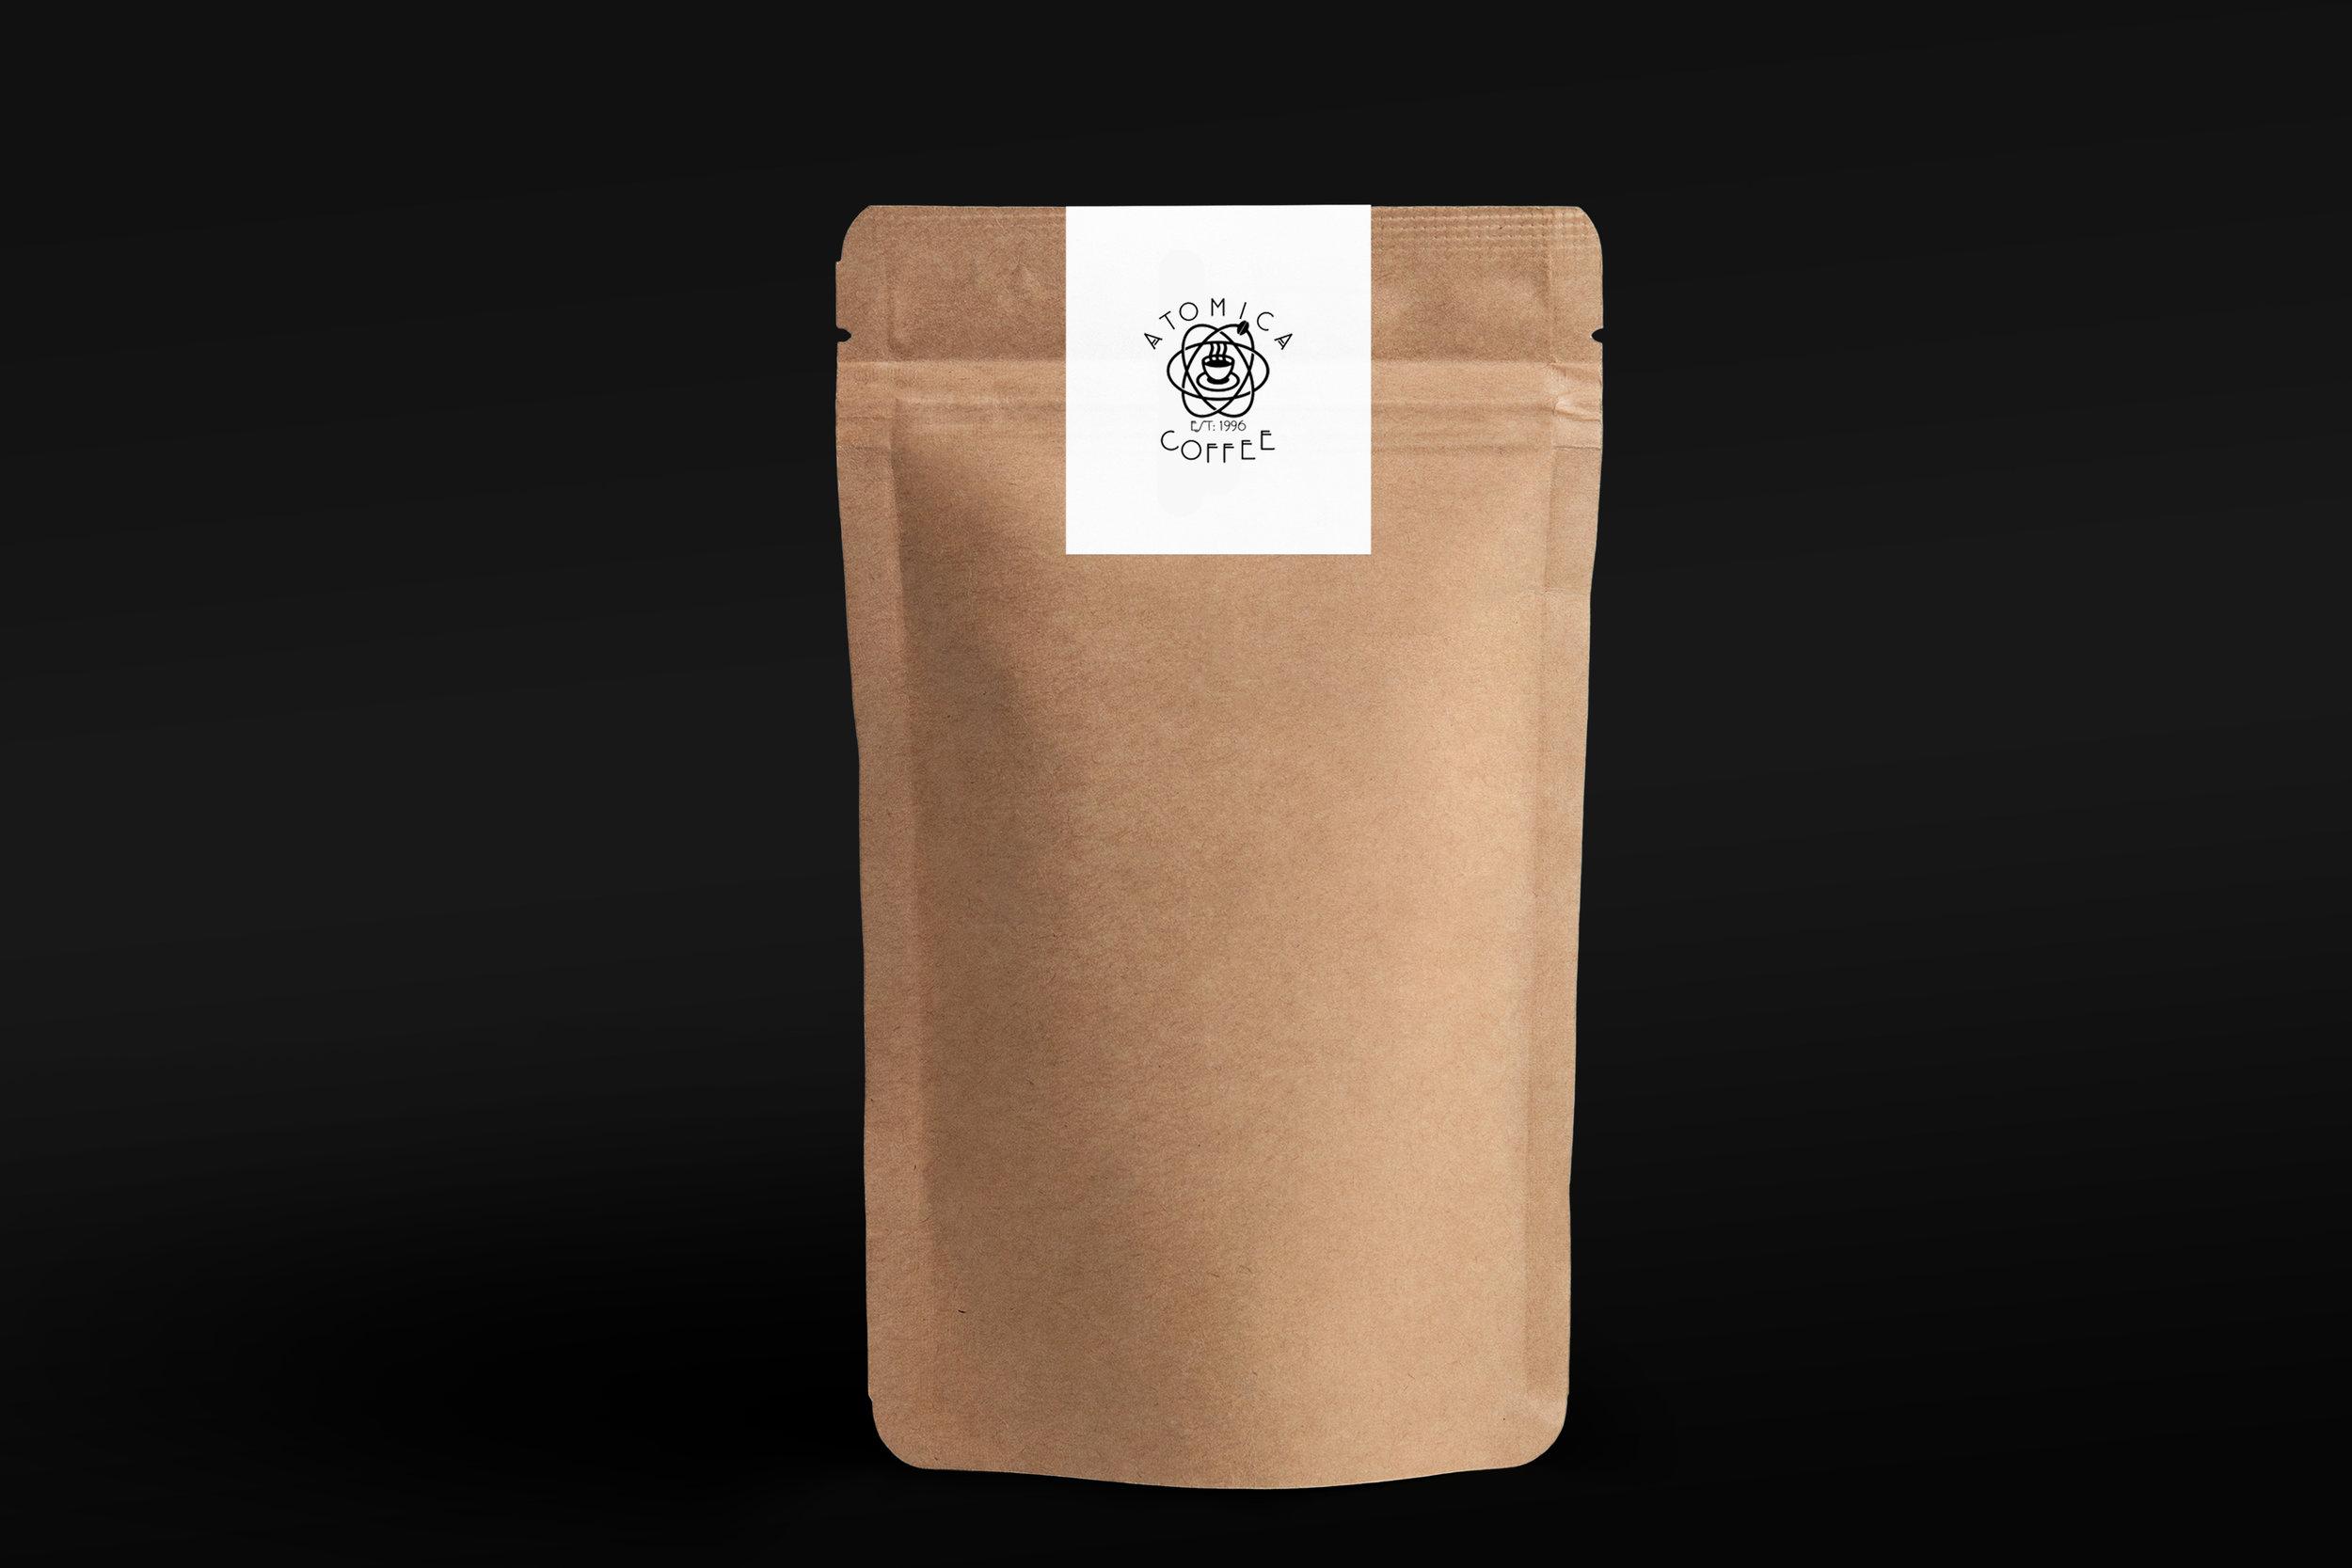 (Two) 500g Bag